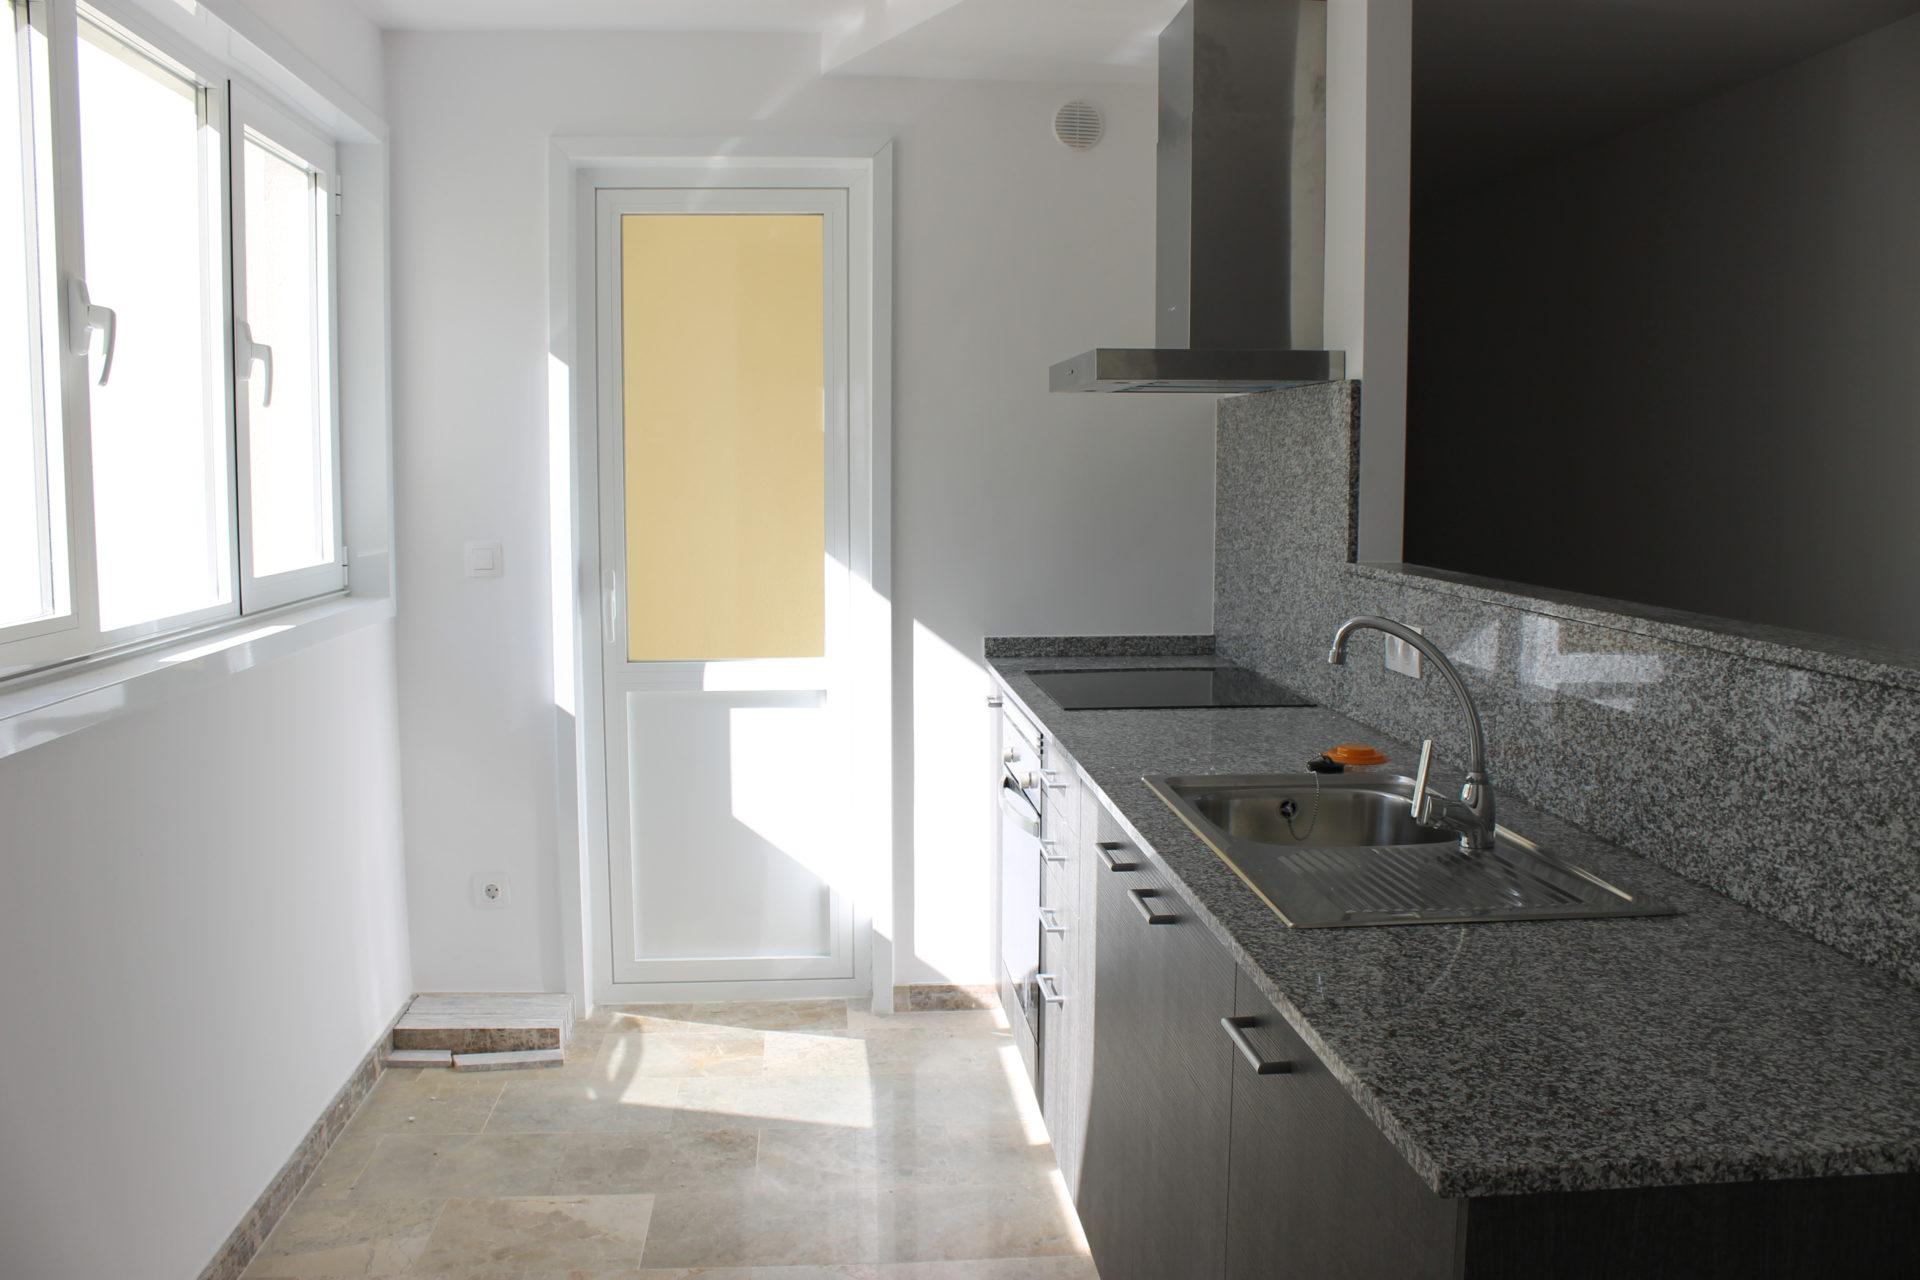 Bbva vivienda casas por menos de euros bbva for Piso 600 euros barcelona